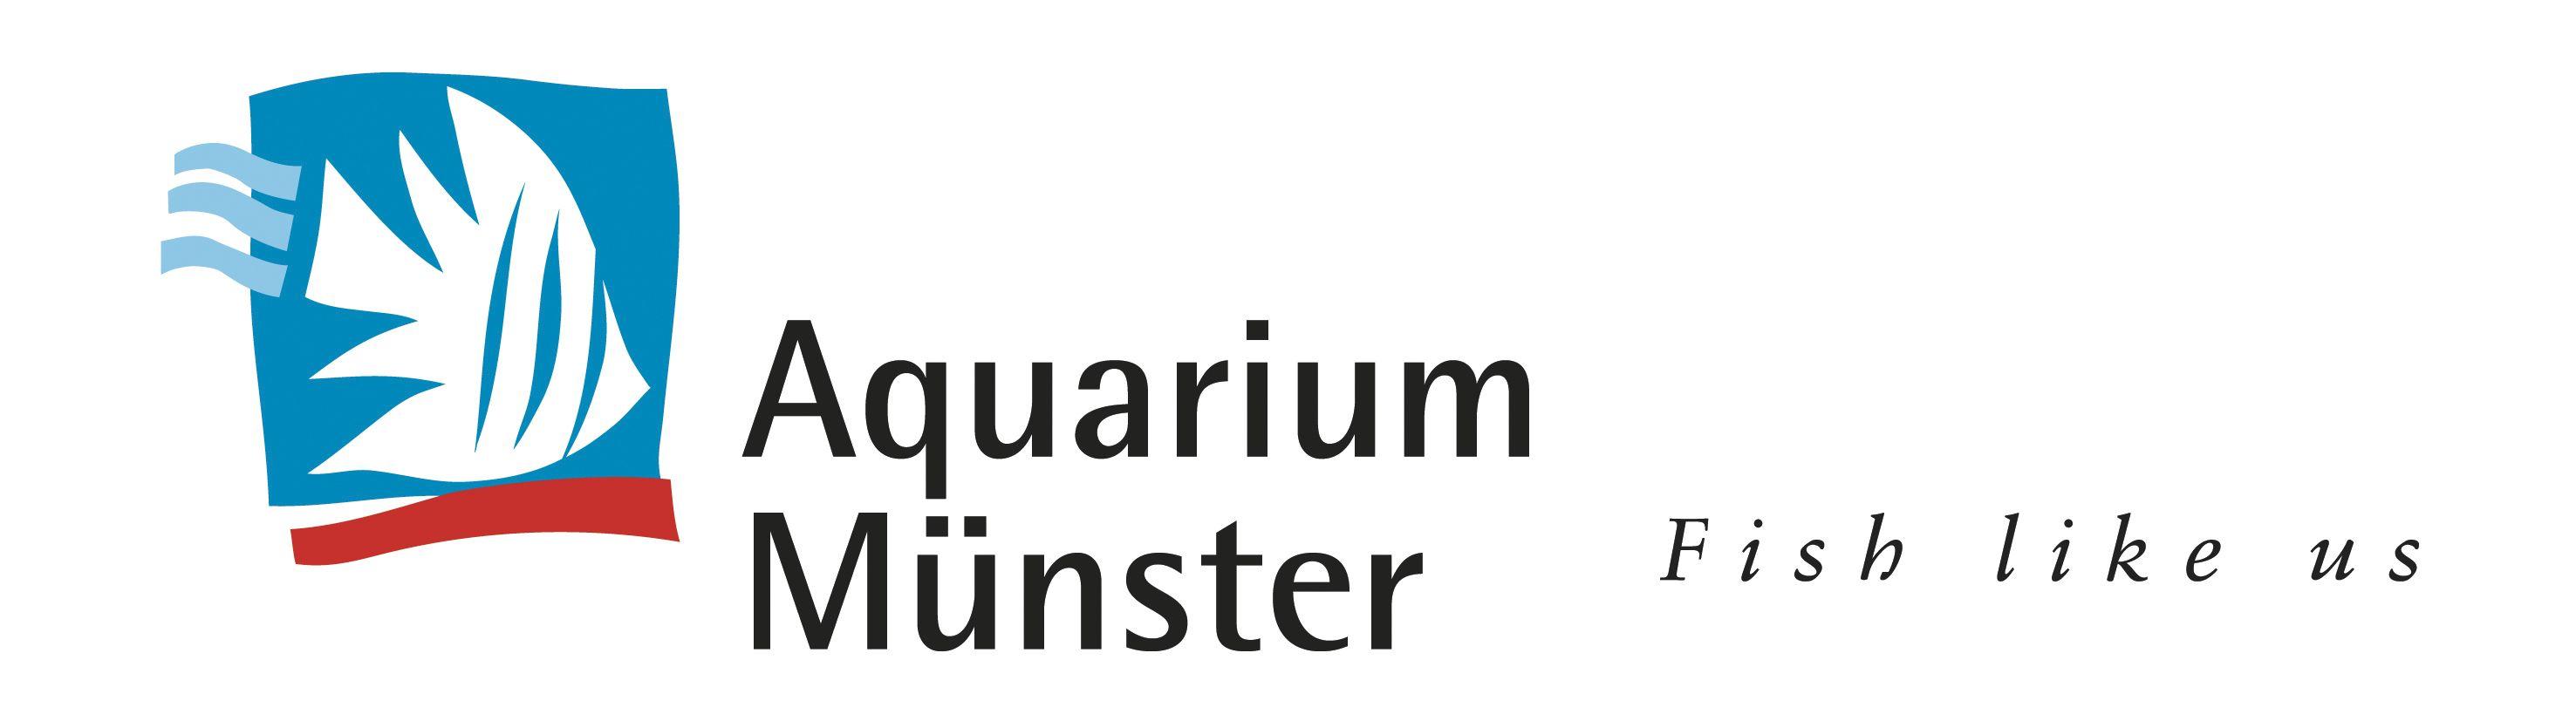 Testez les remèdes pour poisson Aquarium Munster, nourriture, traitement bactérien et conditionneur d'eau sur Zoanthus.fr